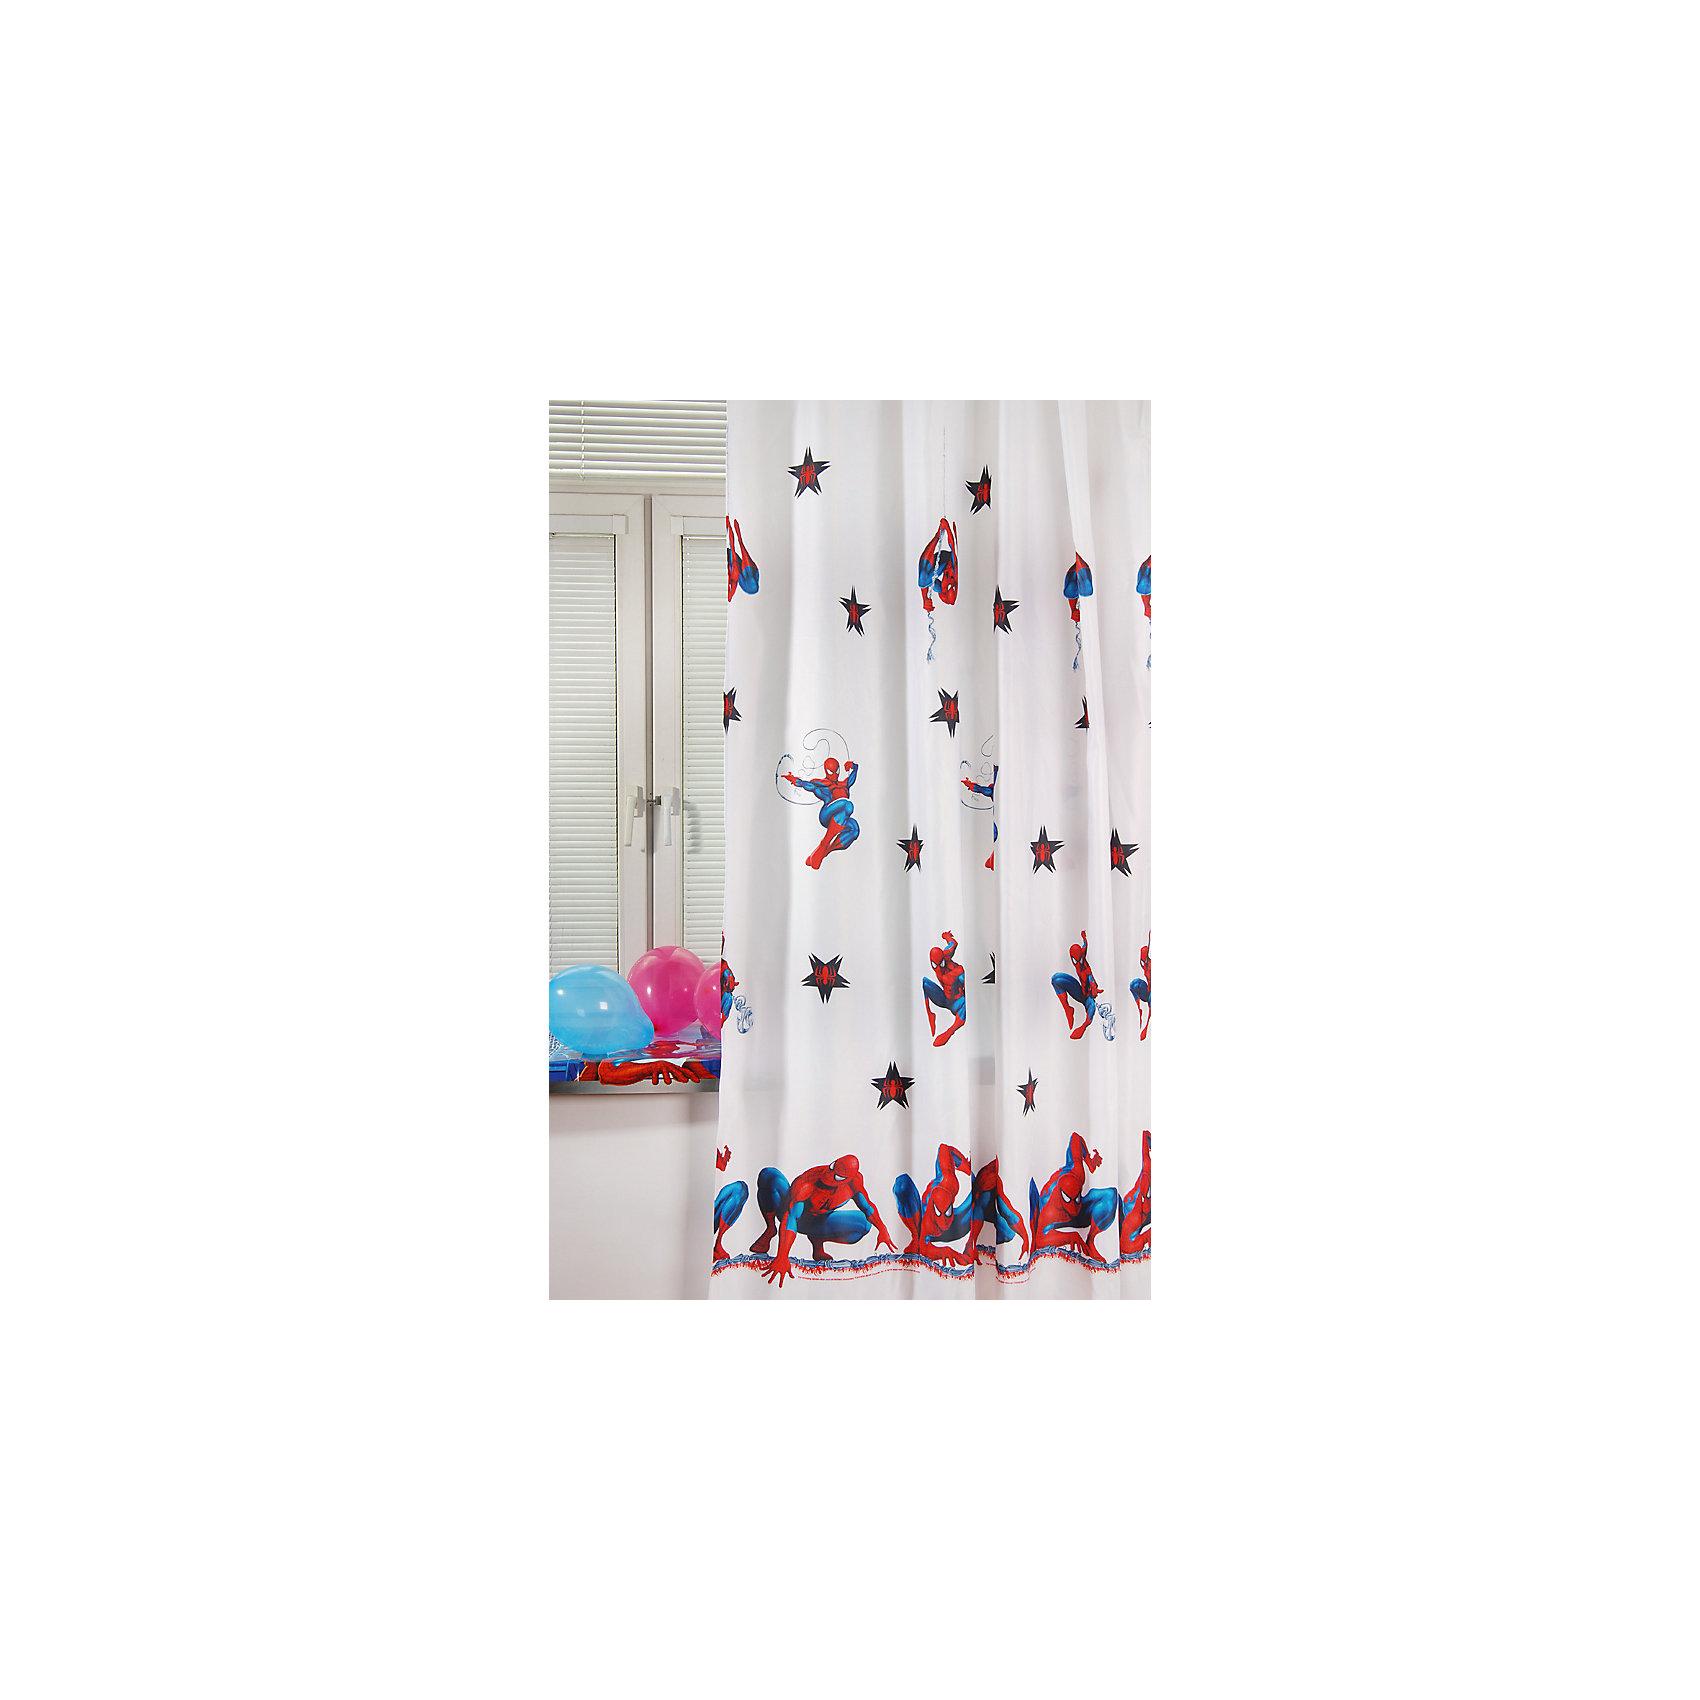 Портьера детская Spiderman, 200х265см, TAC, белыйДомашний текстиль<br>Характеристики товара: <br><br>• комплектация: портьера;<br>• размер: 200х265см.;<br>• материал: полиэстер;<br>• дизайн: спайдермен;<br>• цвет: белый;<br>• страна бренда: Турция;<br>• страна производитель: Турция.<br><br>Эта портьера от турецкого бренда TAC (ТАЧ) отлично впишется в интерьер. Несмотря на плотность ткани, она состоит из мельчайших волокон, что придаёт мягкость и воздушность изделию. Все материалы, которые входят в состав этого комплекта, гипоаллергенны и не вызывают неприятных ощущений. <br><br>Благодаря сильно скрученным нитям в плотной ткани материал становится гладким и немного блестящим. Такие материалы не электризуются. Ребёнку будет приятно оказаться в своем волшебном мире, о котором он когда-то мечтал.<br><br>Такую портьеру можно смело стирать, так как материал сохраняет яркость красок, даже после частых стирок рисунок не выцветает и не покрывается катышками. <br><br>Рекомендуется стирать обычным порошком. <br>Детскую портьеру можно купить в нашем интернет-магазине.<br><br>Ширина мм: 200<br>Глубина мм: 50<br>Высота мм: 180<br>Вес г: 1100<br>Возраст от месяцев: 0<br>Возраст до месяцев: 144<br>Пол: Унисекс<br>Возраст: Детский<br>SKU: 6861920